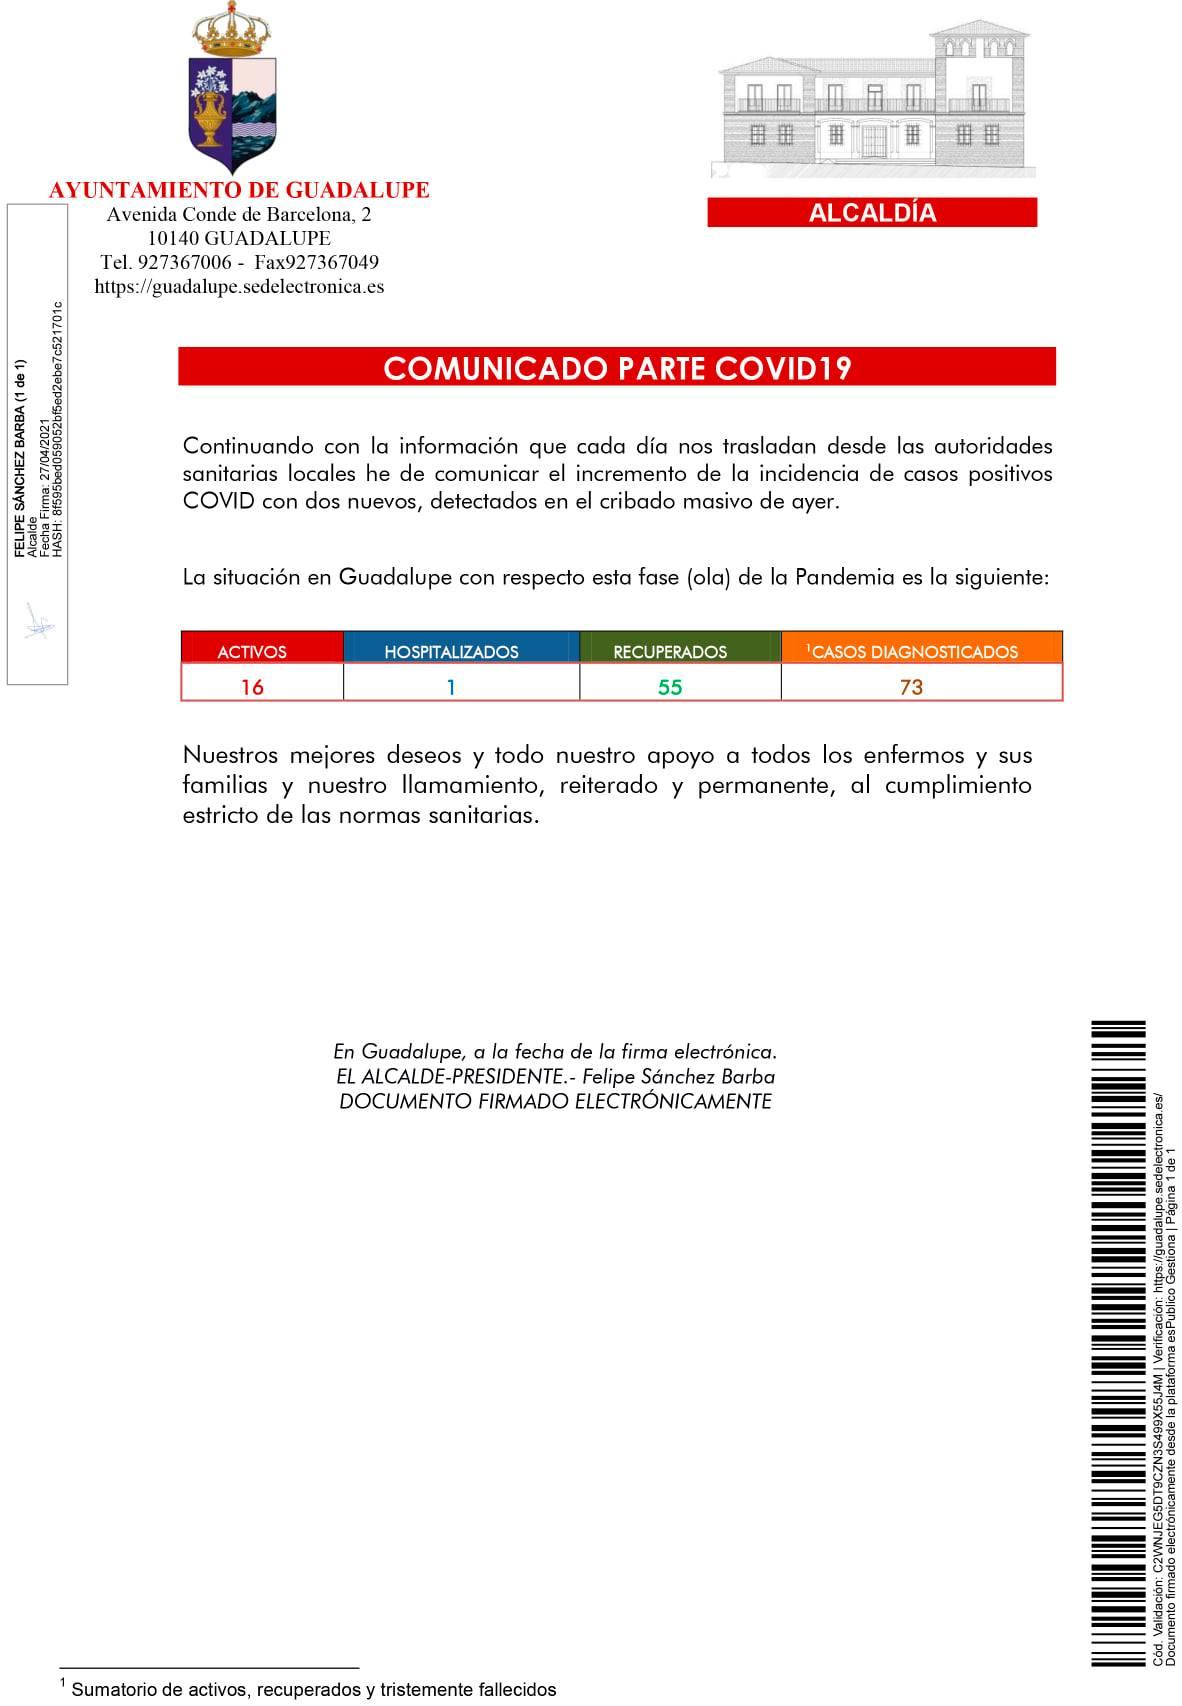 16 casos positivos activos de COVID-19 (abril 2021) - Guadalupe (Cáceres)